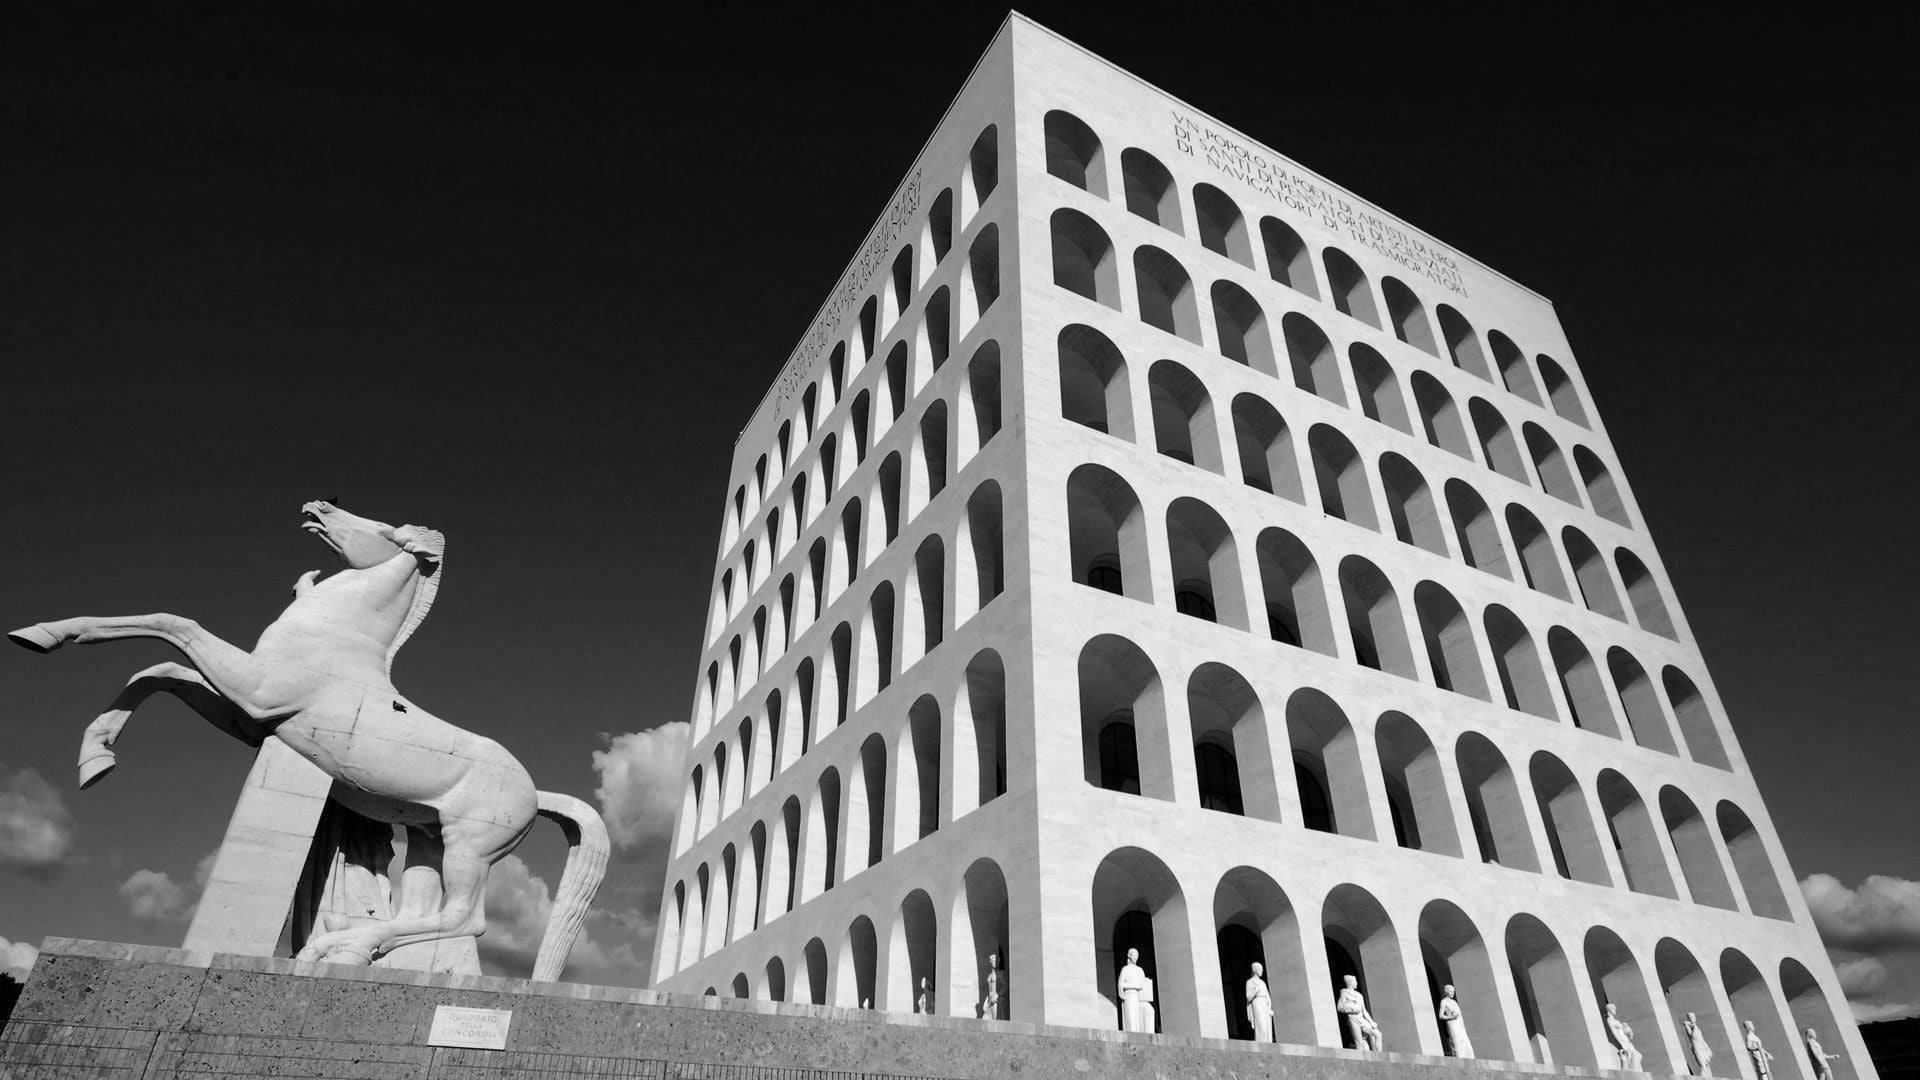 Proposta di Sgarbi: una grande mostra sulla Roma fascista